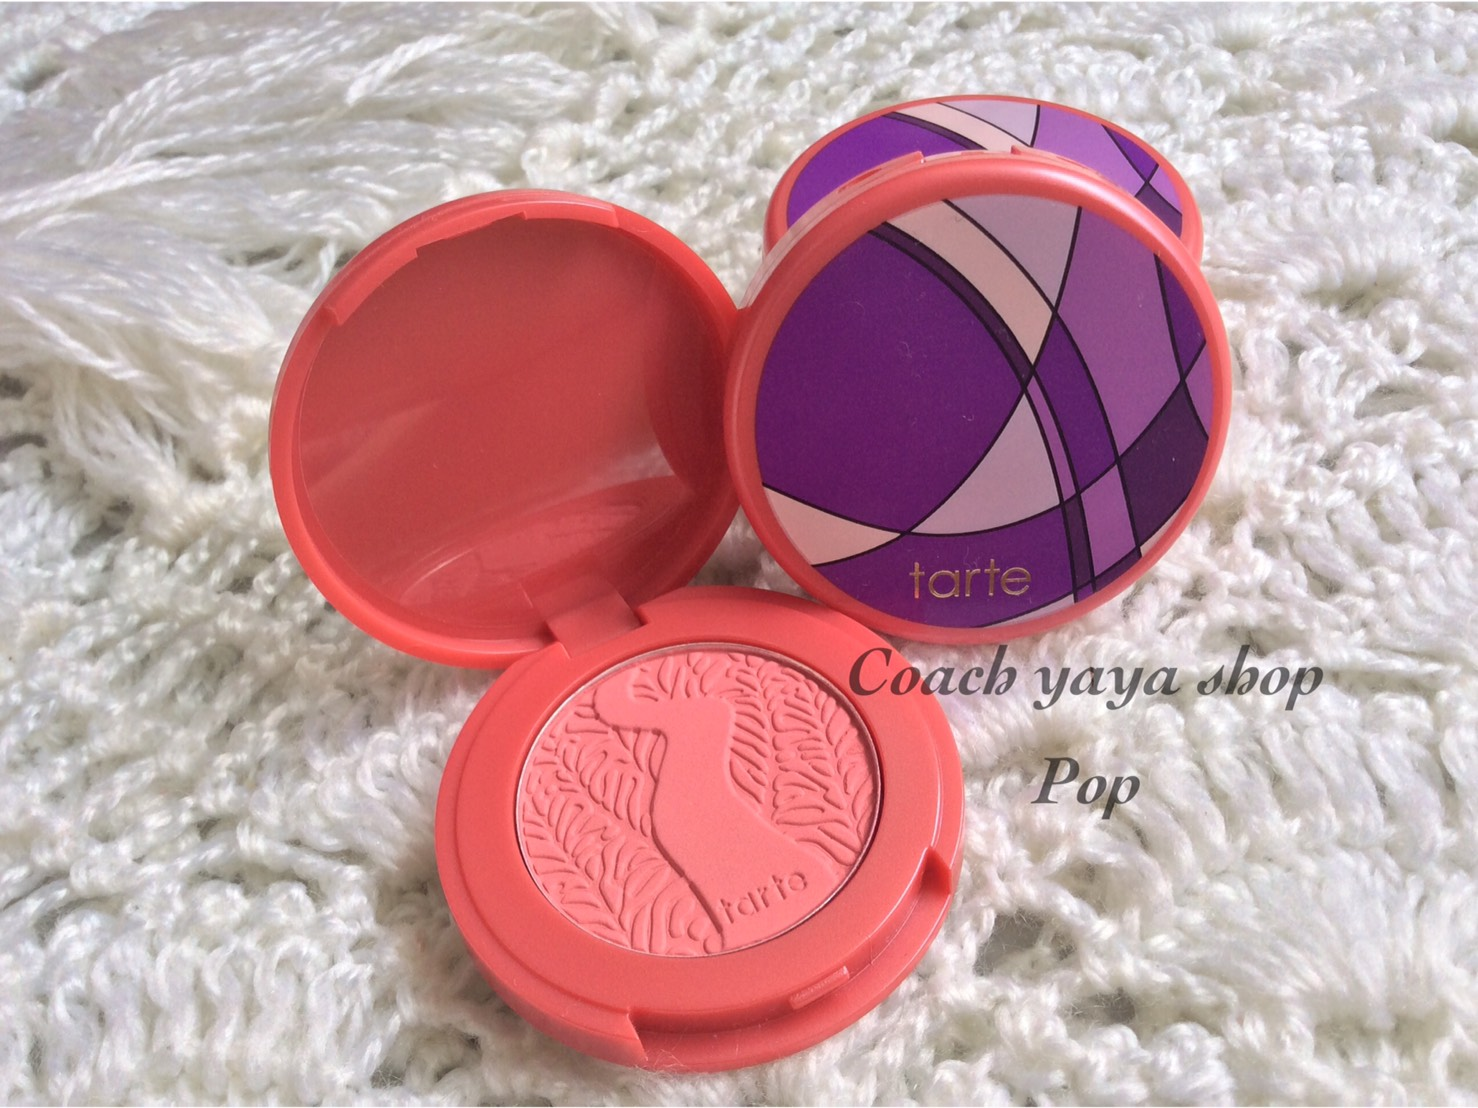 **พร้อมส่ง** Tarte Amazonian Clay 12-hour blush สี pop ขนาดทดลอง 1.5 กรัม ไม่มีกล่อง